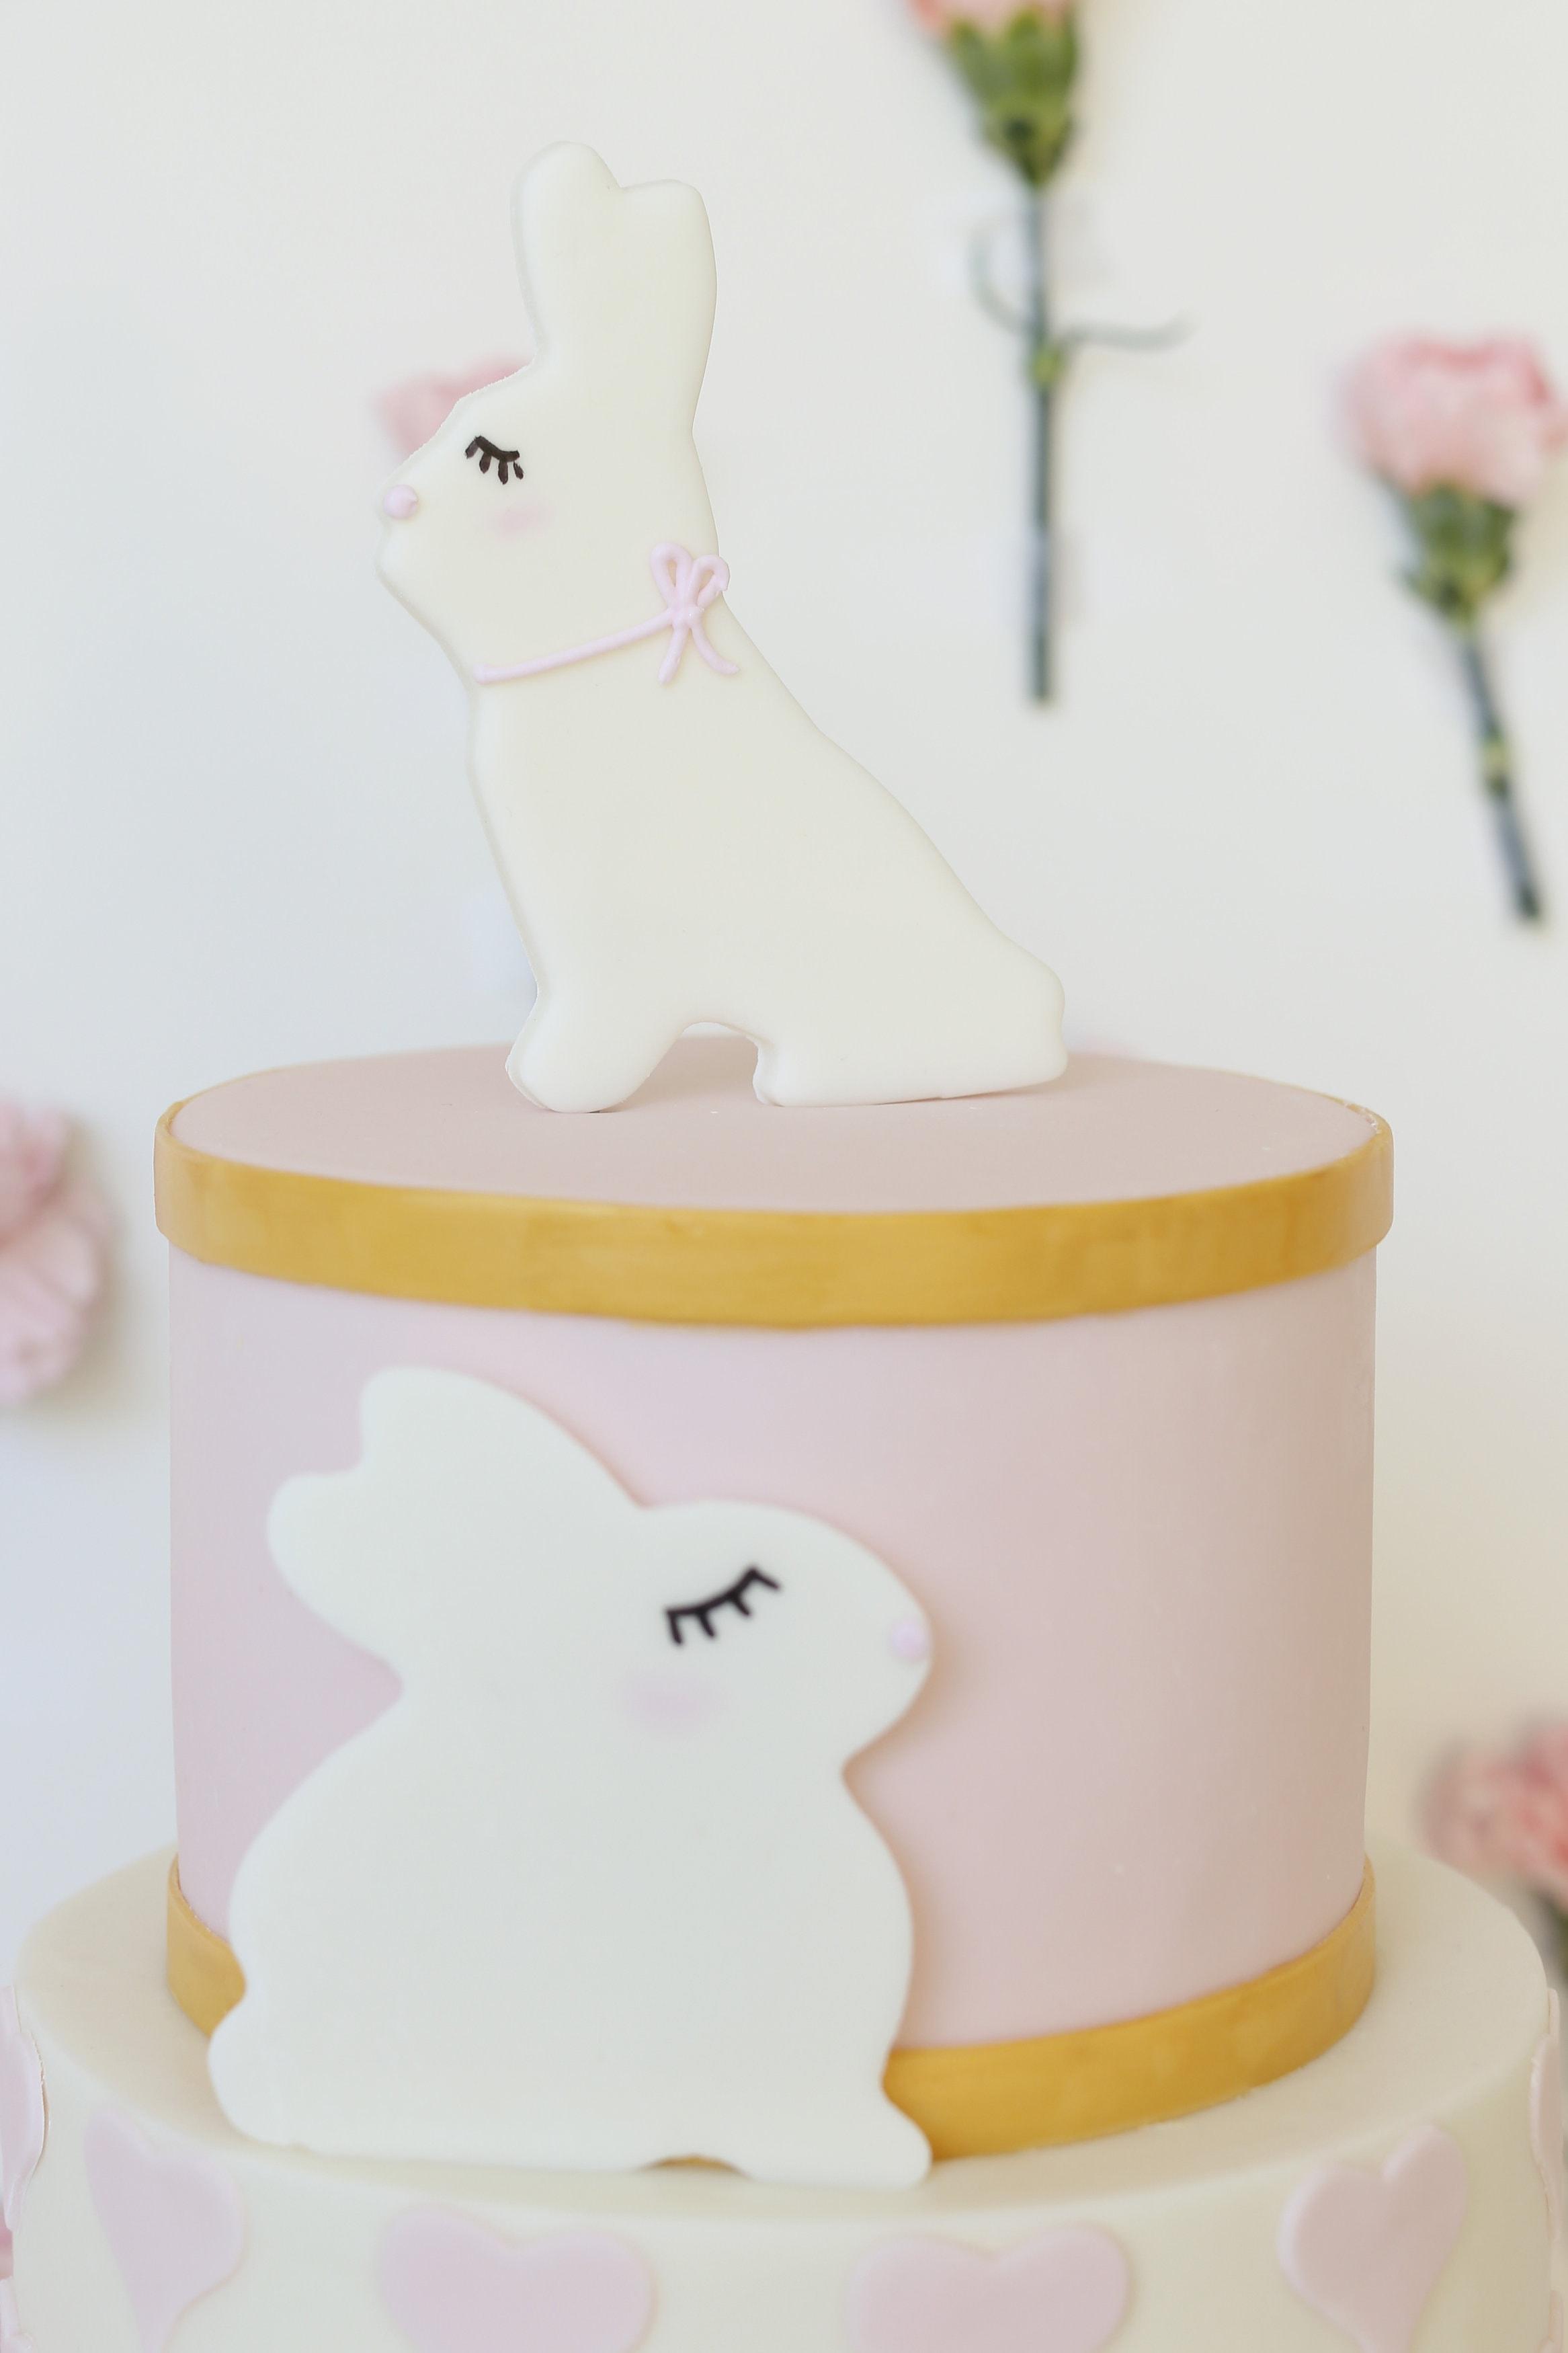 BABY-GIRL-BABY-SHOWER-CAKE